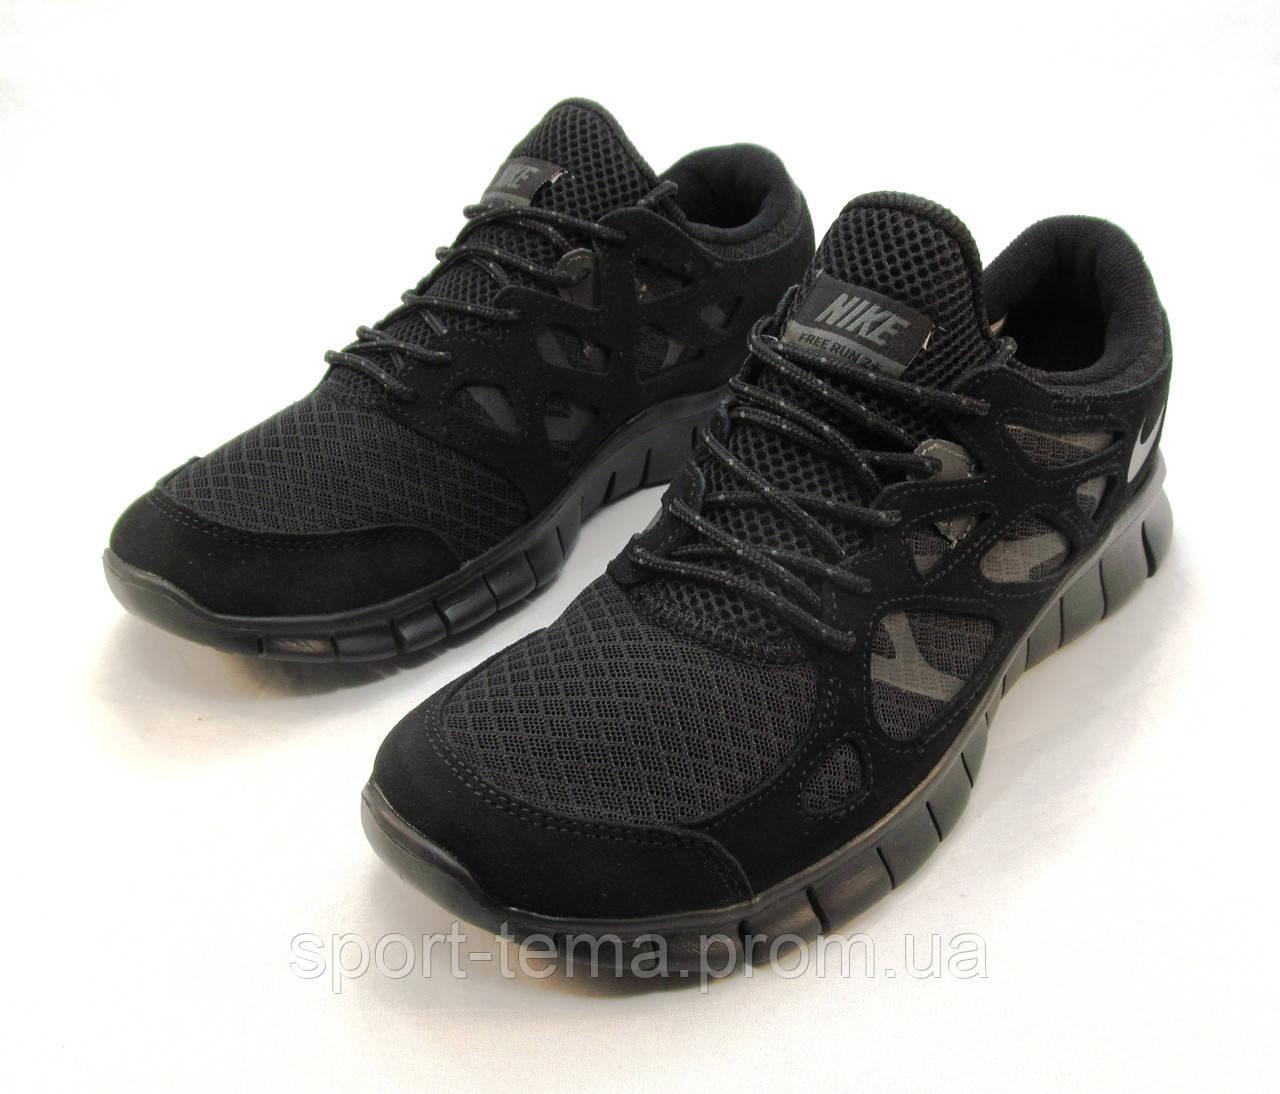 Кроссовки мужские Nike Free Run 2+ текстиль черные (найк фри ран)(р ...